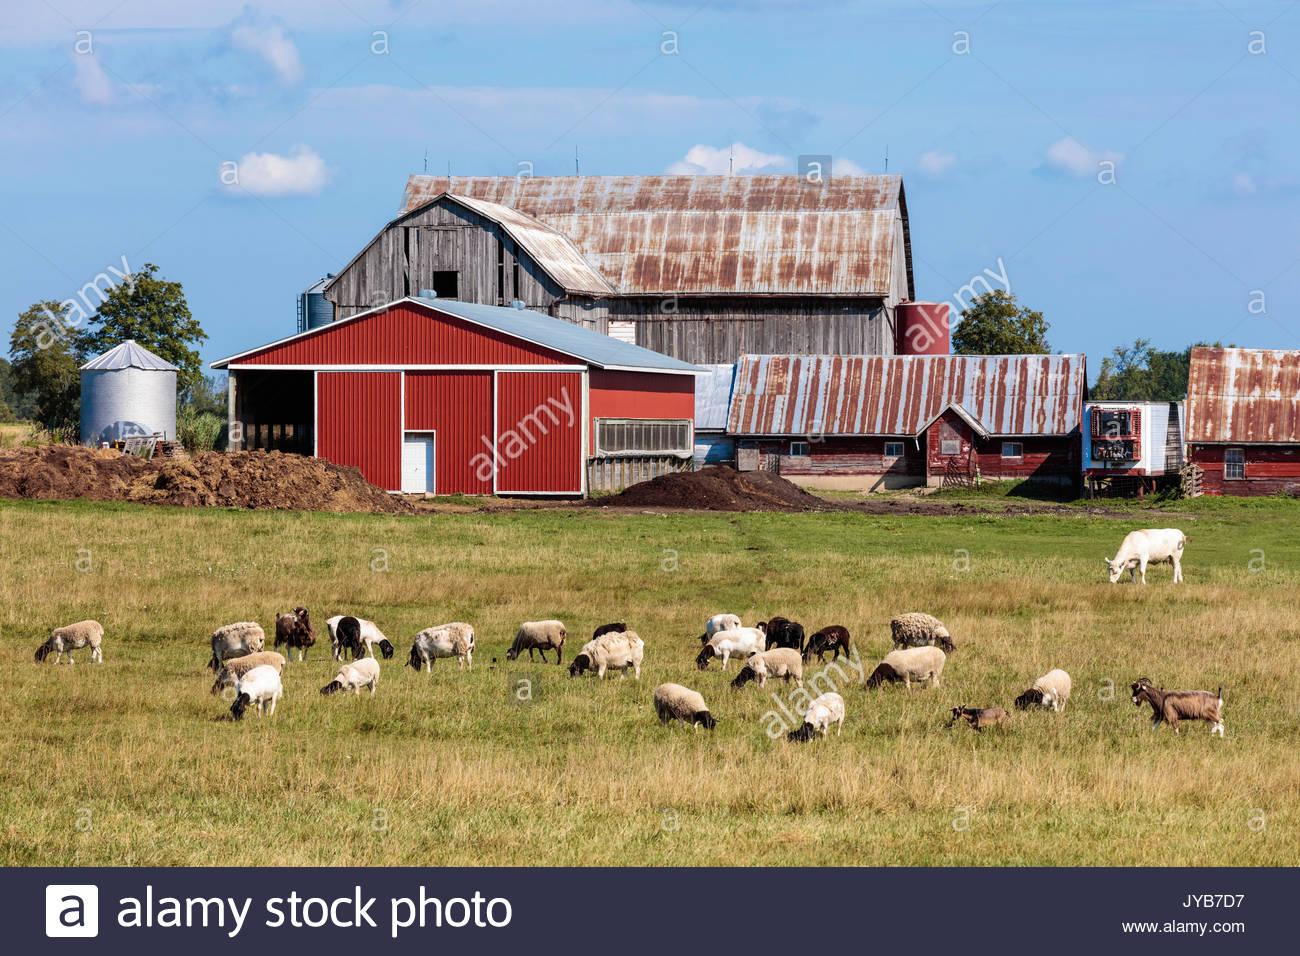 livestock barn sheep goats agriculture farm farming Ontario Canada summer Stock Photo